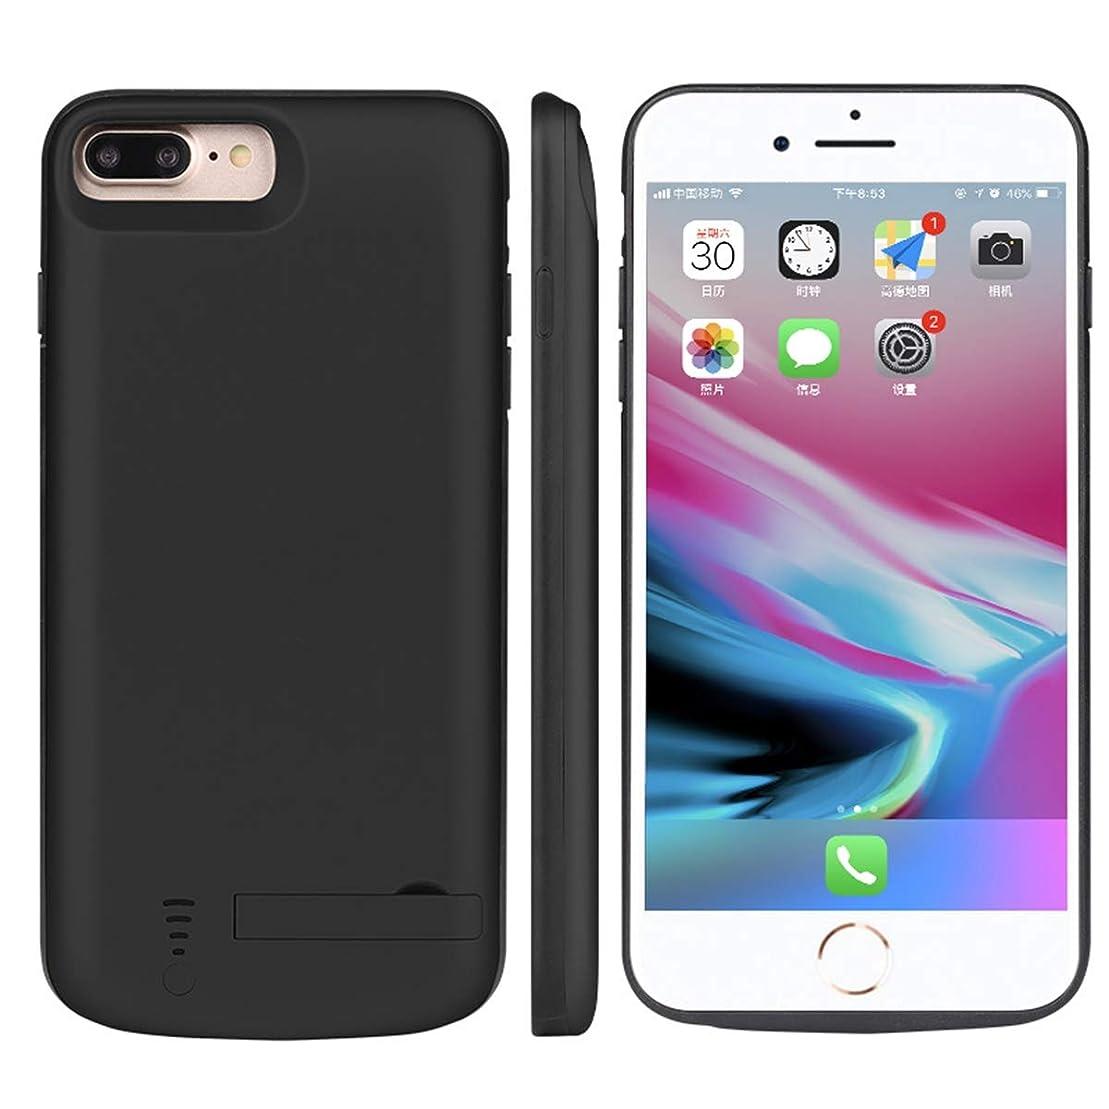 正当化するベギン移住するiPhone 6 iPhone 7 iPhone 8 対応 バッテリー内蔵ケース 5500mAh バッテリーケース 充電ケース iPhone 6 iPhone 7 iPhone 8 対応 ケース バッテリー 大容量 4.7インチ用